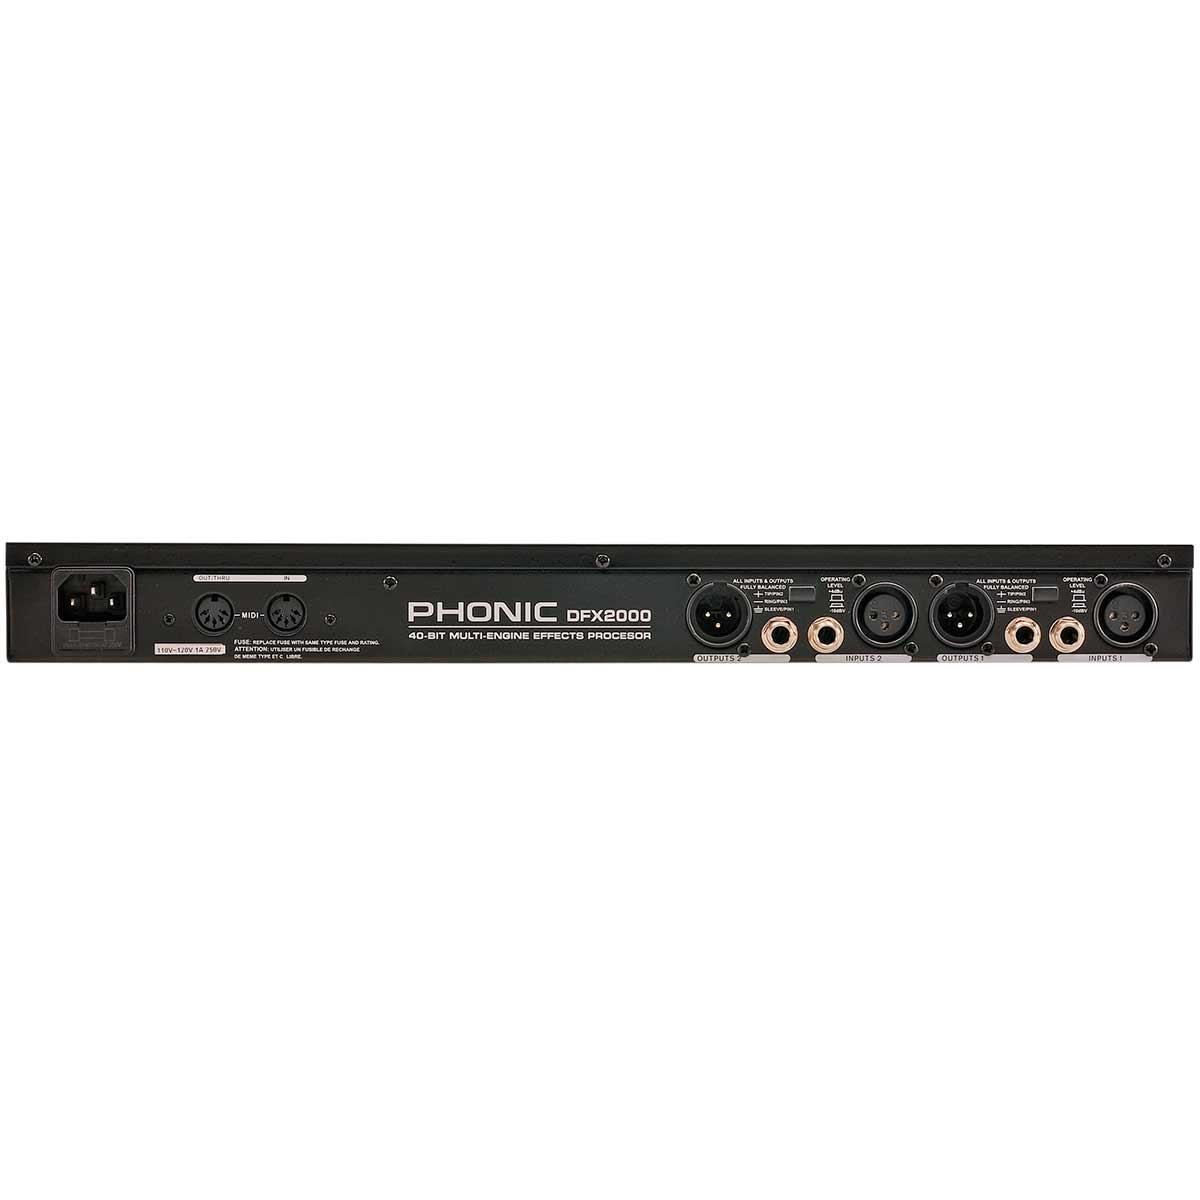 DFX2000 - Processador de Efeitos DFX 2000 - Phonic